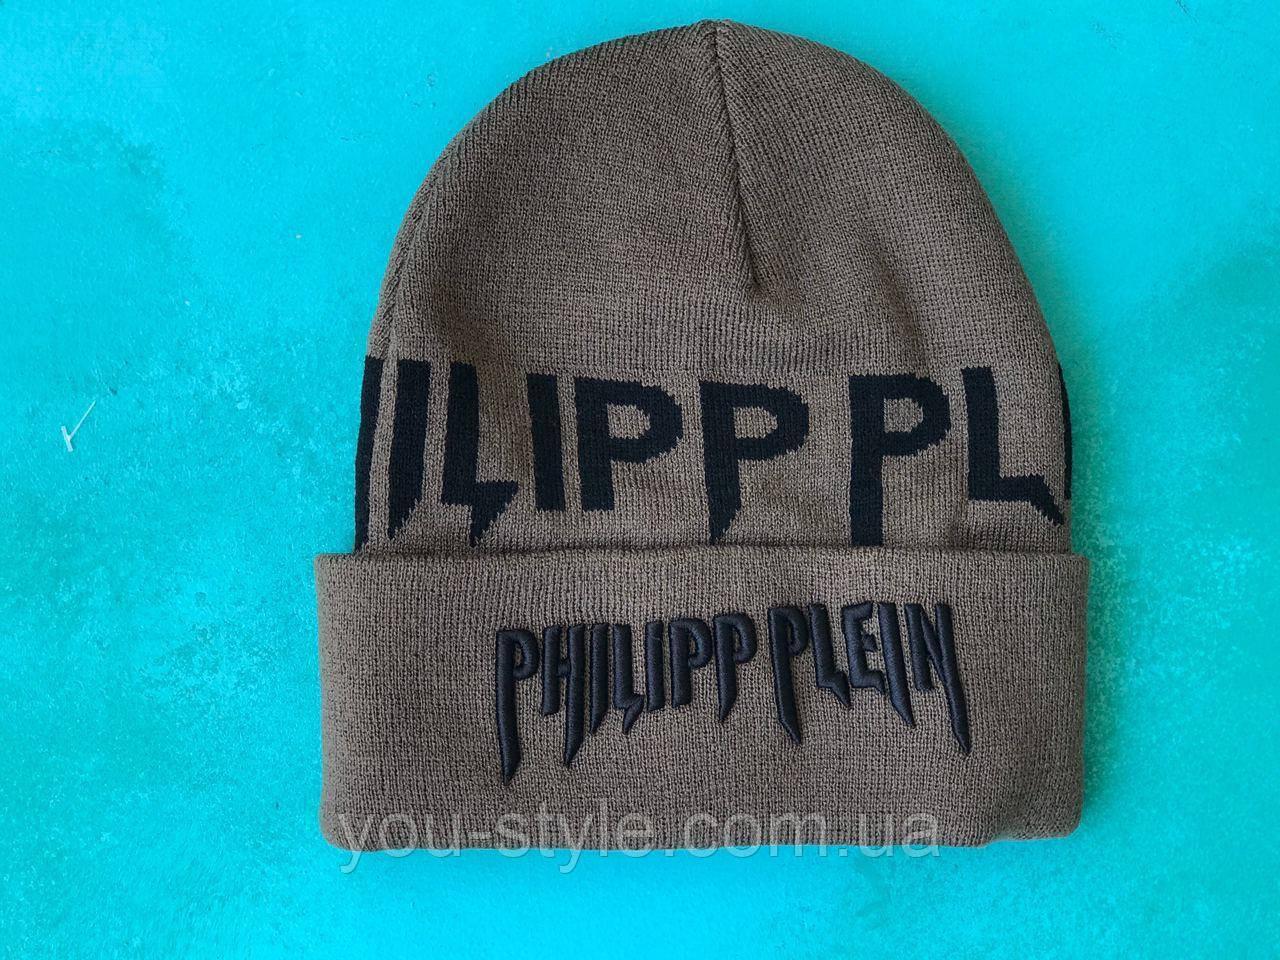 Шапка Philipp Plein / шапка филип преин / шапка женская/шапка мужская/хаки